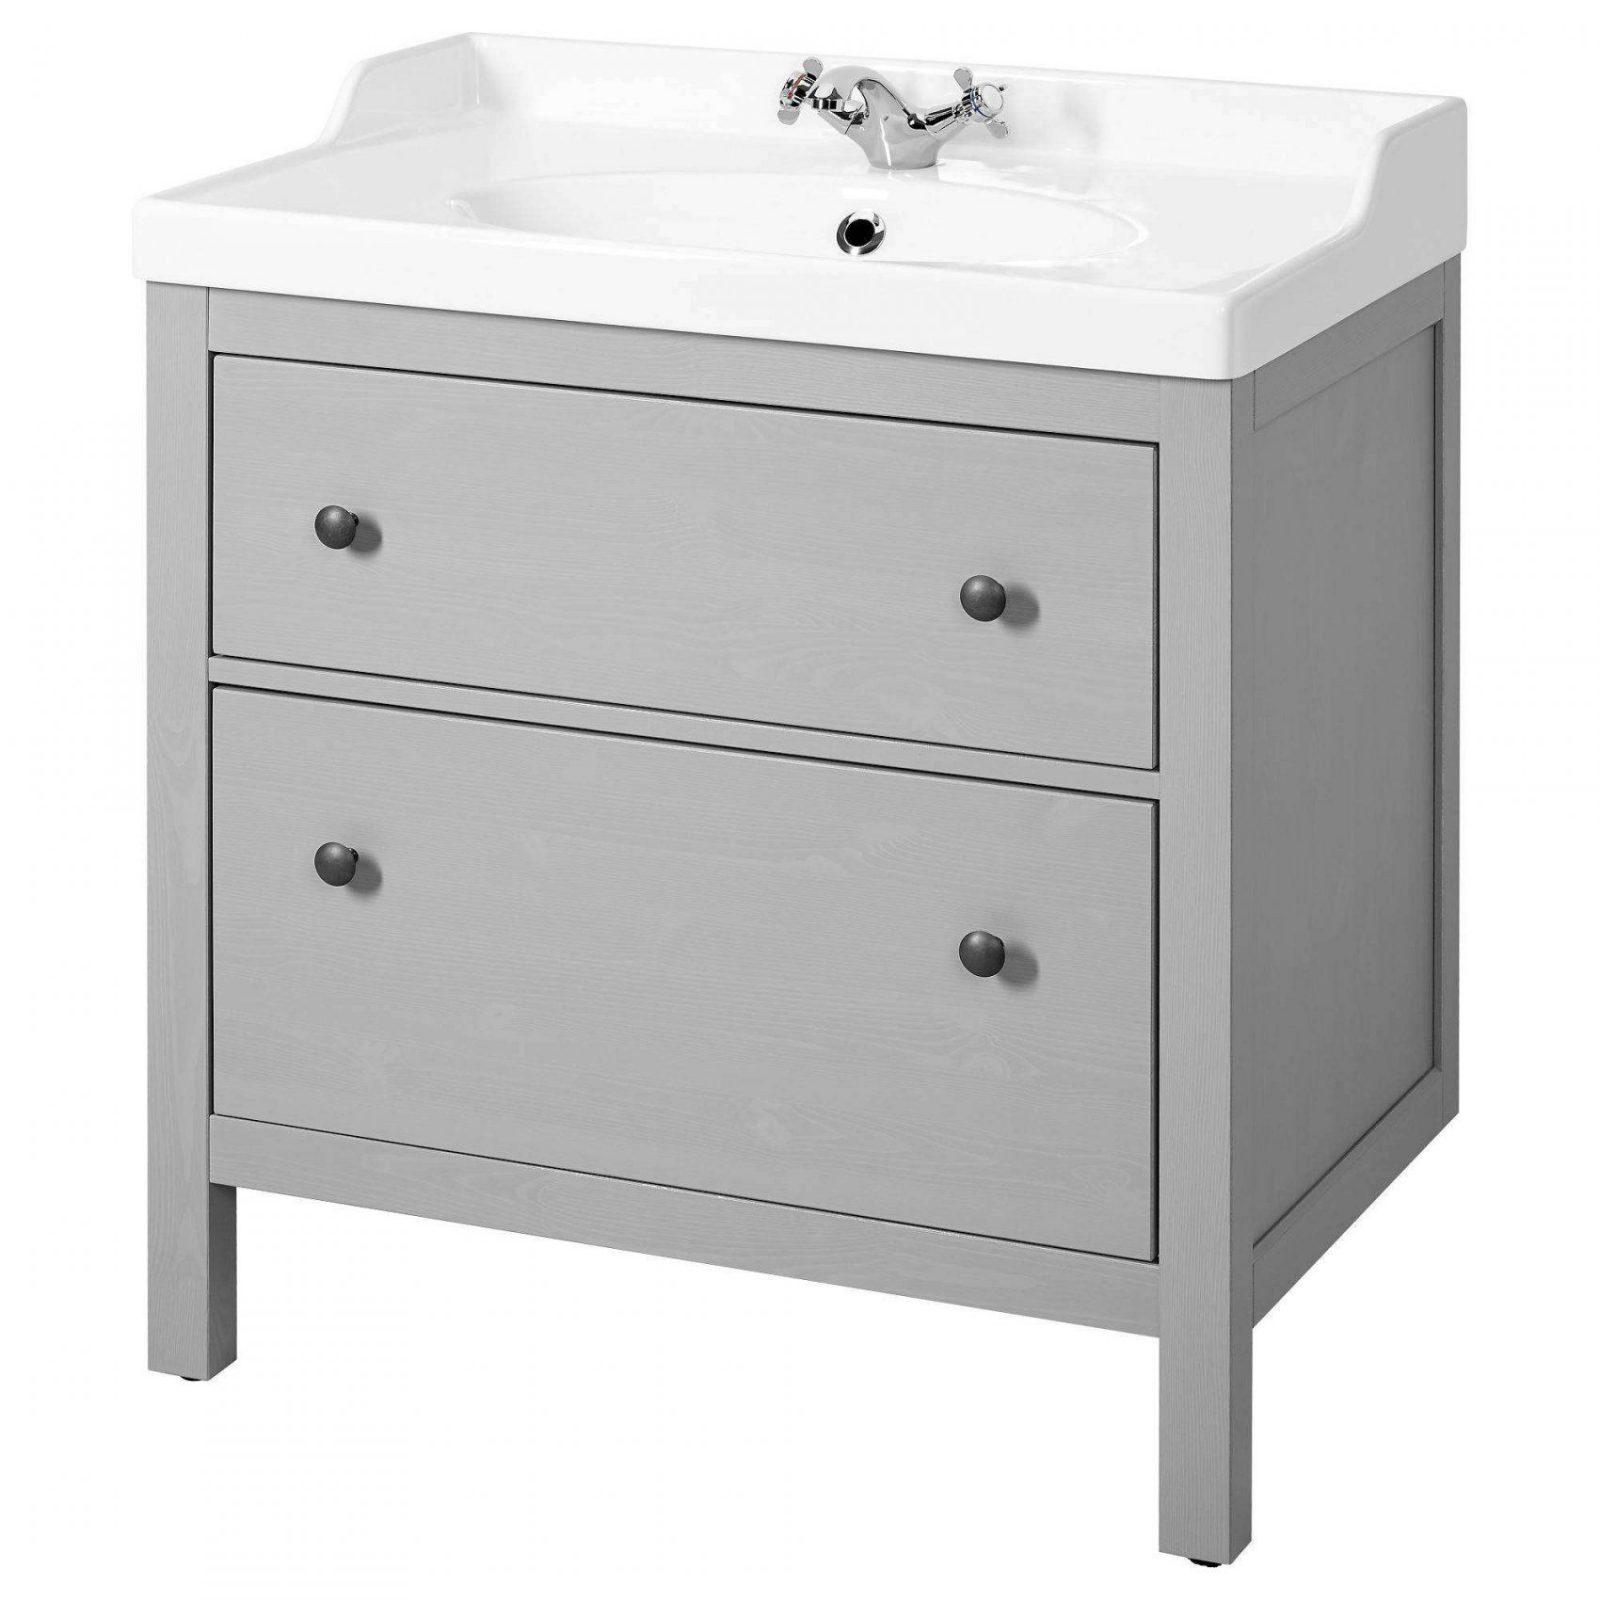 37 Einzigartig Waschbeckenunterschrank 50 Cm Breit Stock von Bad Unterschrank 50 Cm Breit Bild